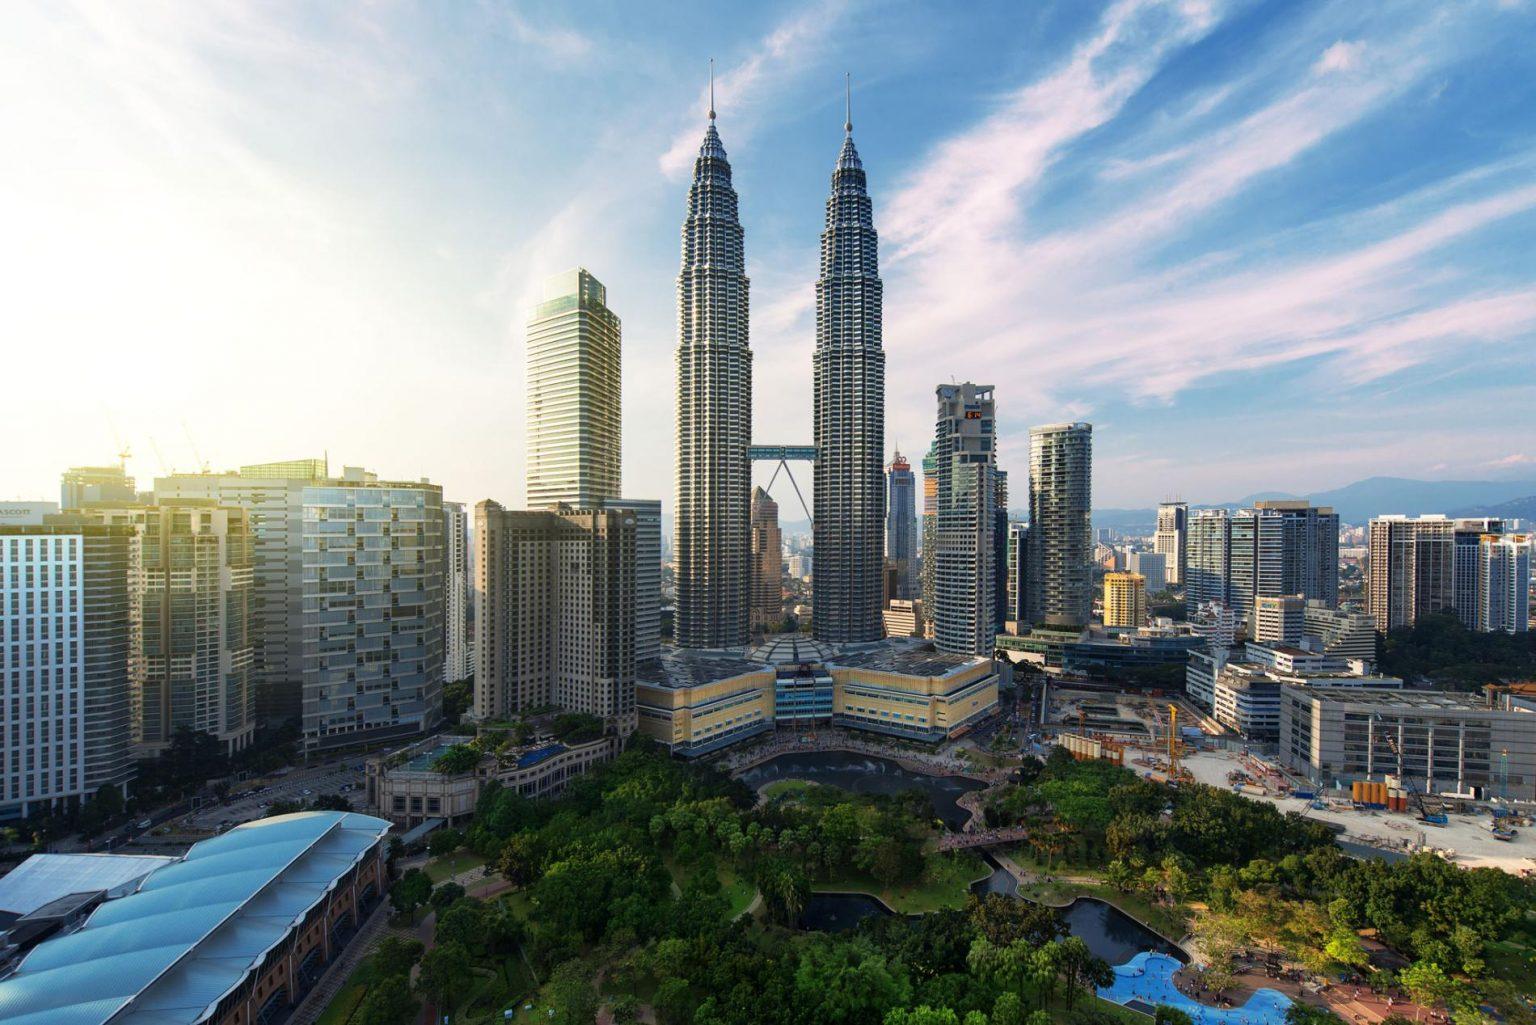 Chuyển hàng malaysia giá rẻ tốt nhất tại Việt Nam